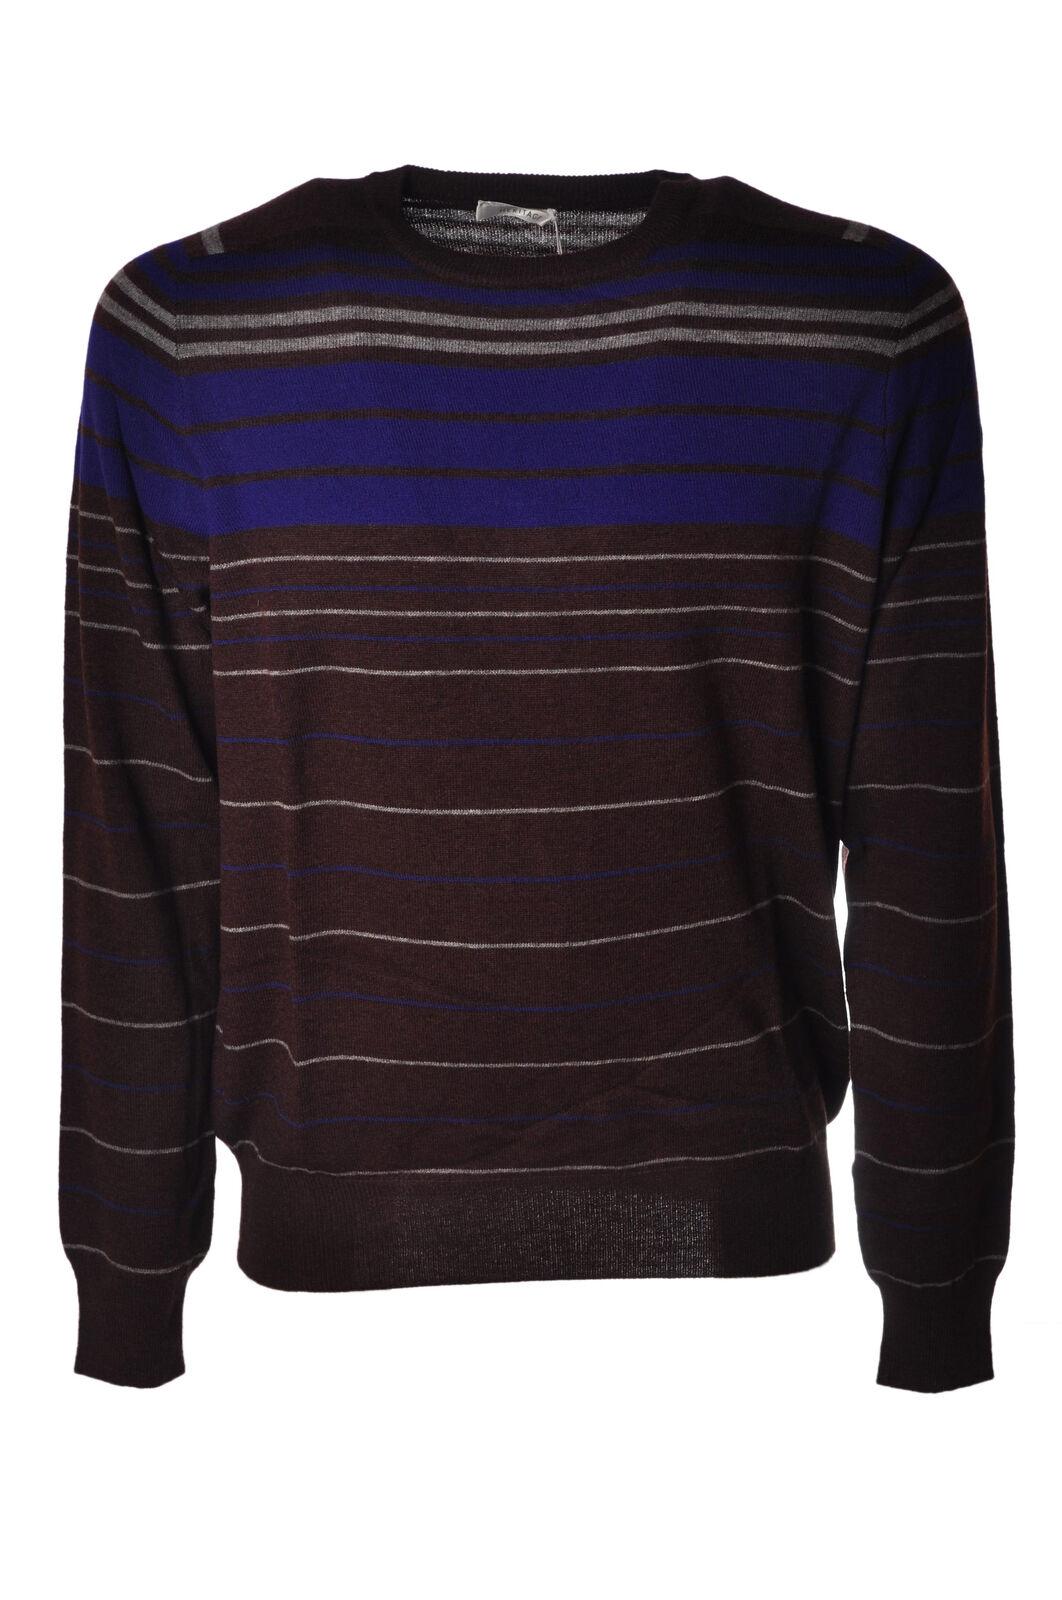 Heritage - Knitwear-Sweaters - Man - Fantasy - 4638623C184337